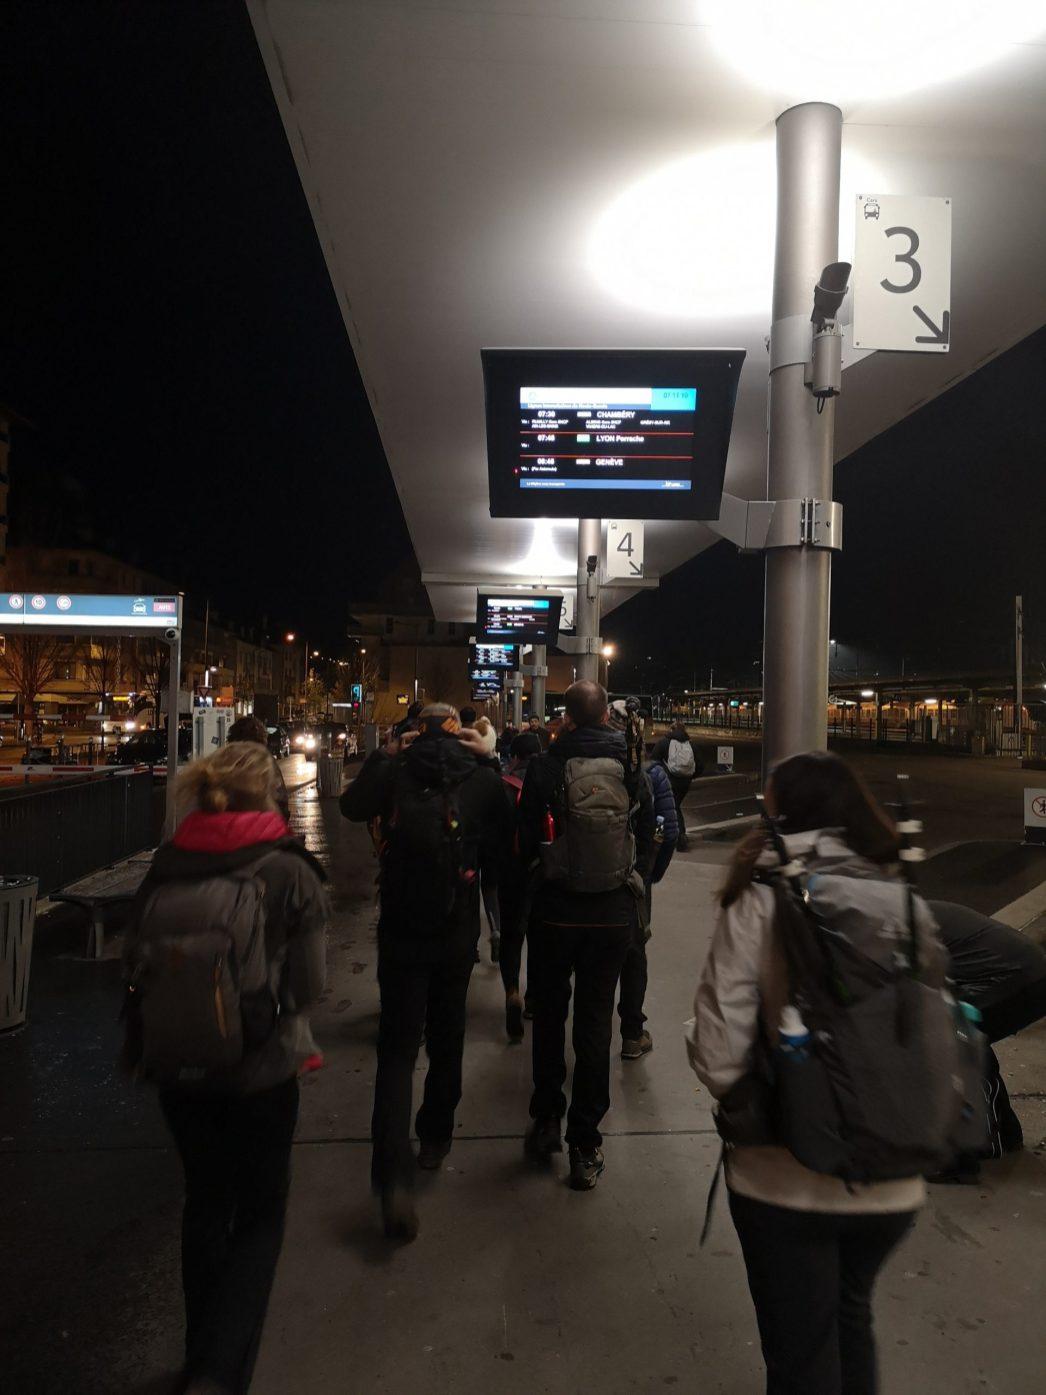 Nous allons chercher notre bus ;)